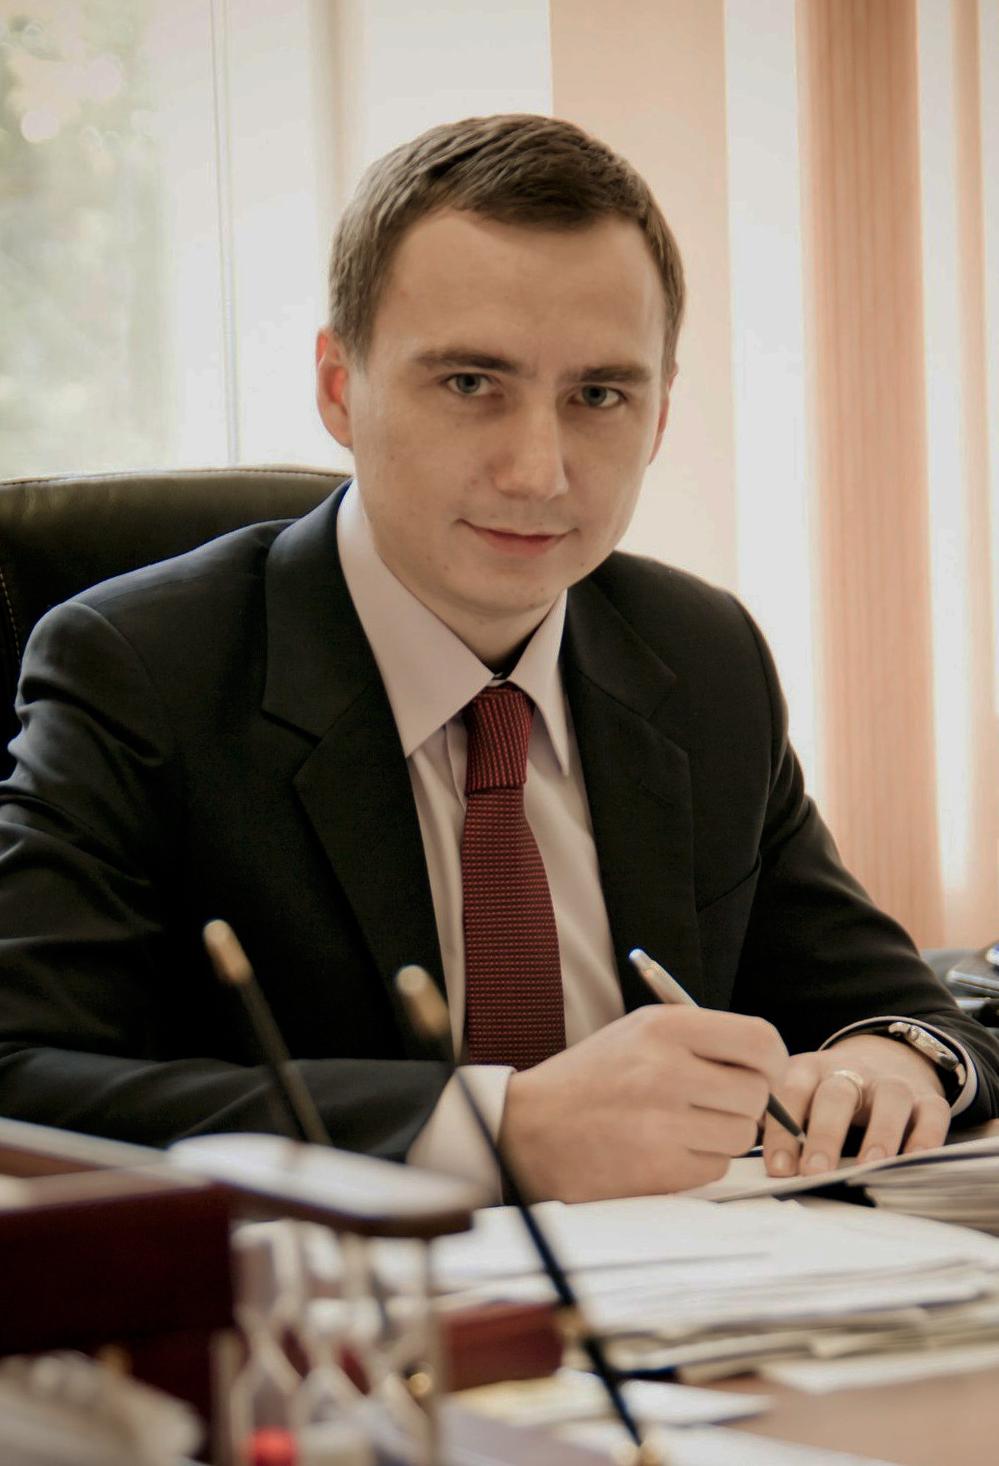 Дмитрий Николаевич Буинцев